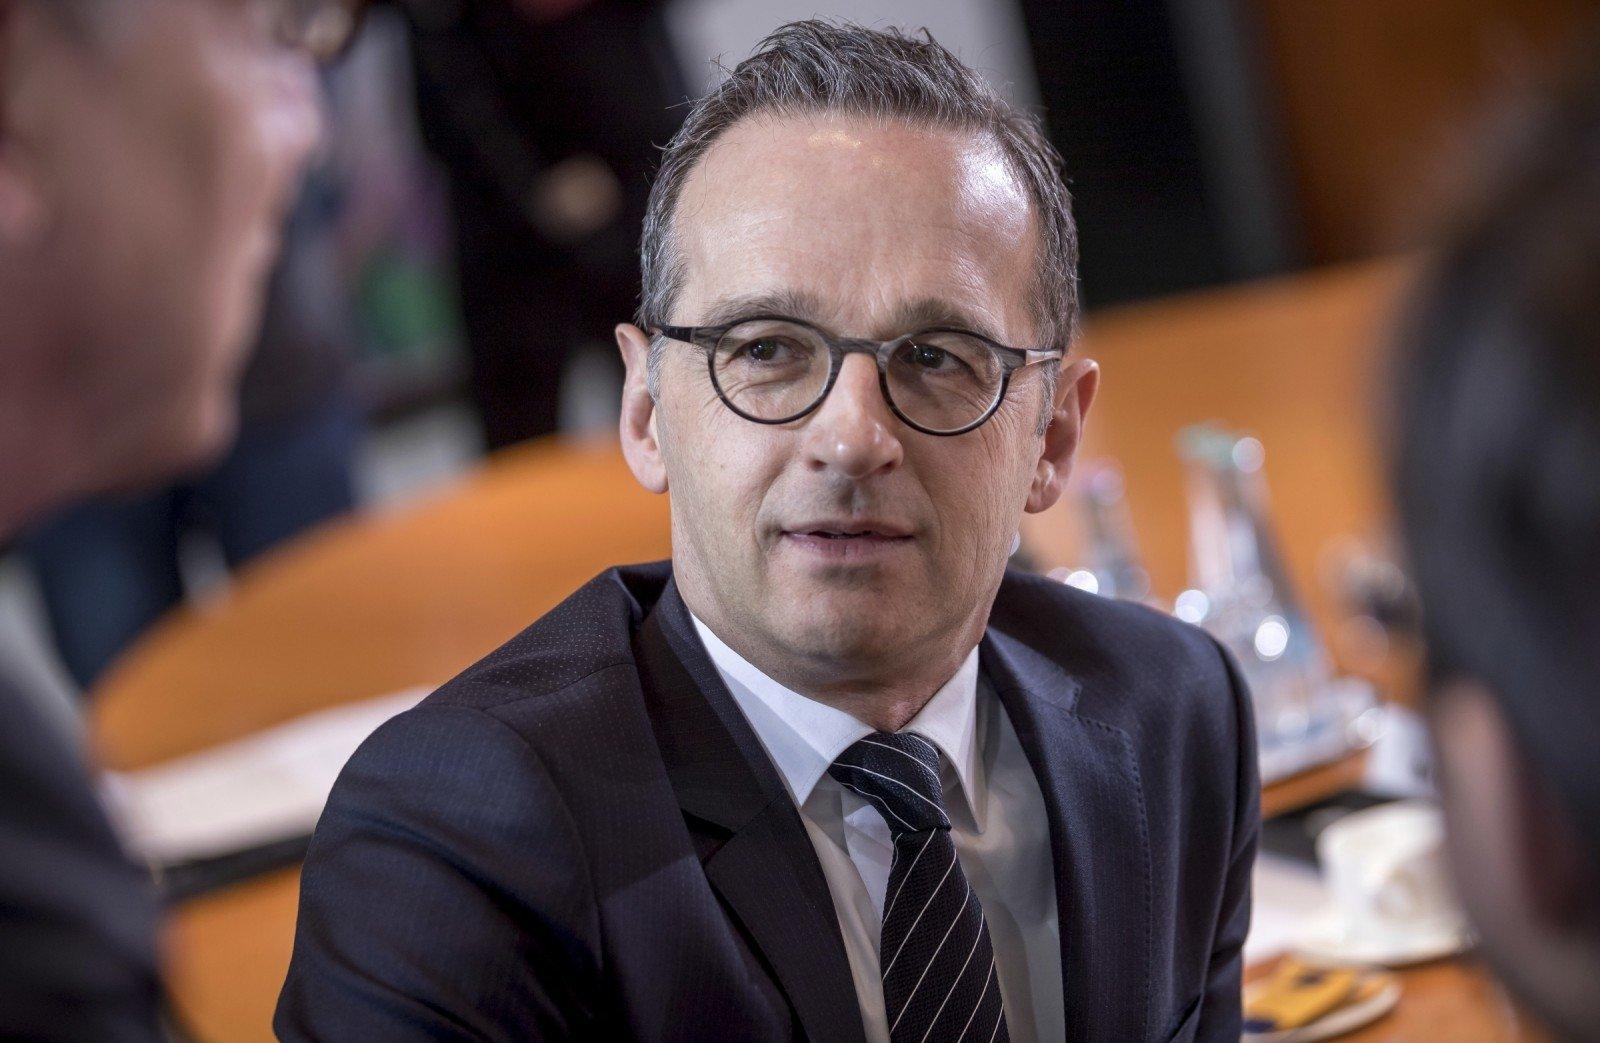 12:10Немецкие политики раскритиковали руководителя  МИД зажесткую позицию по РФ